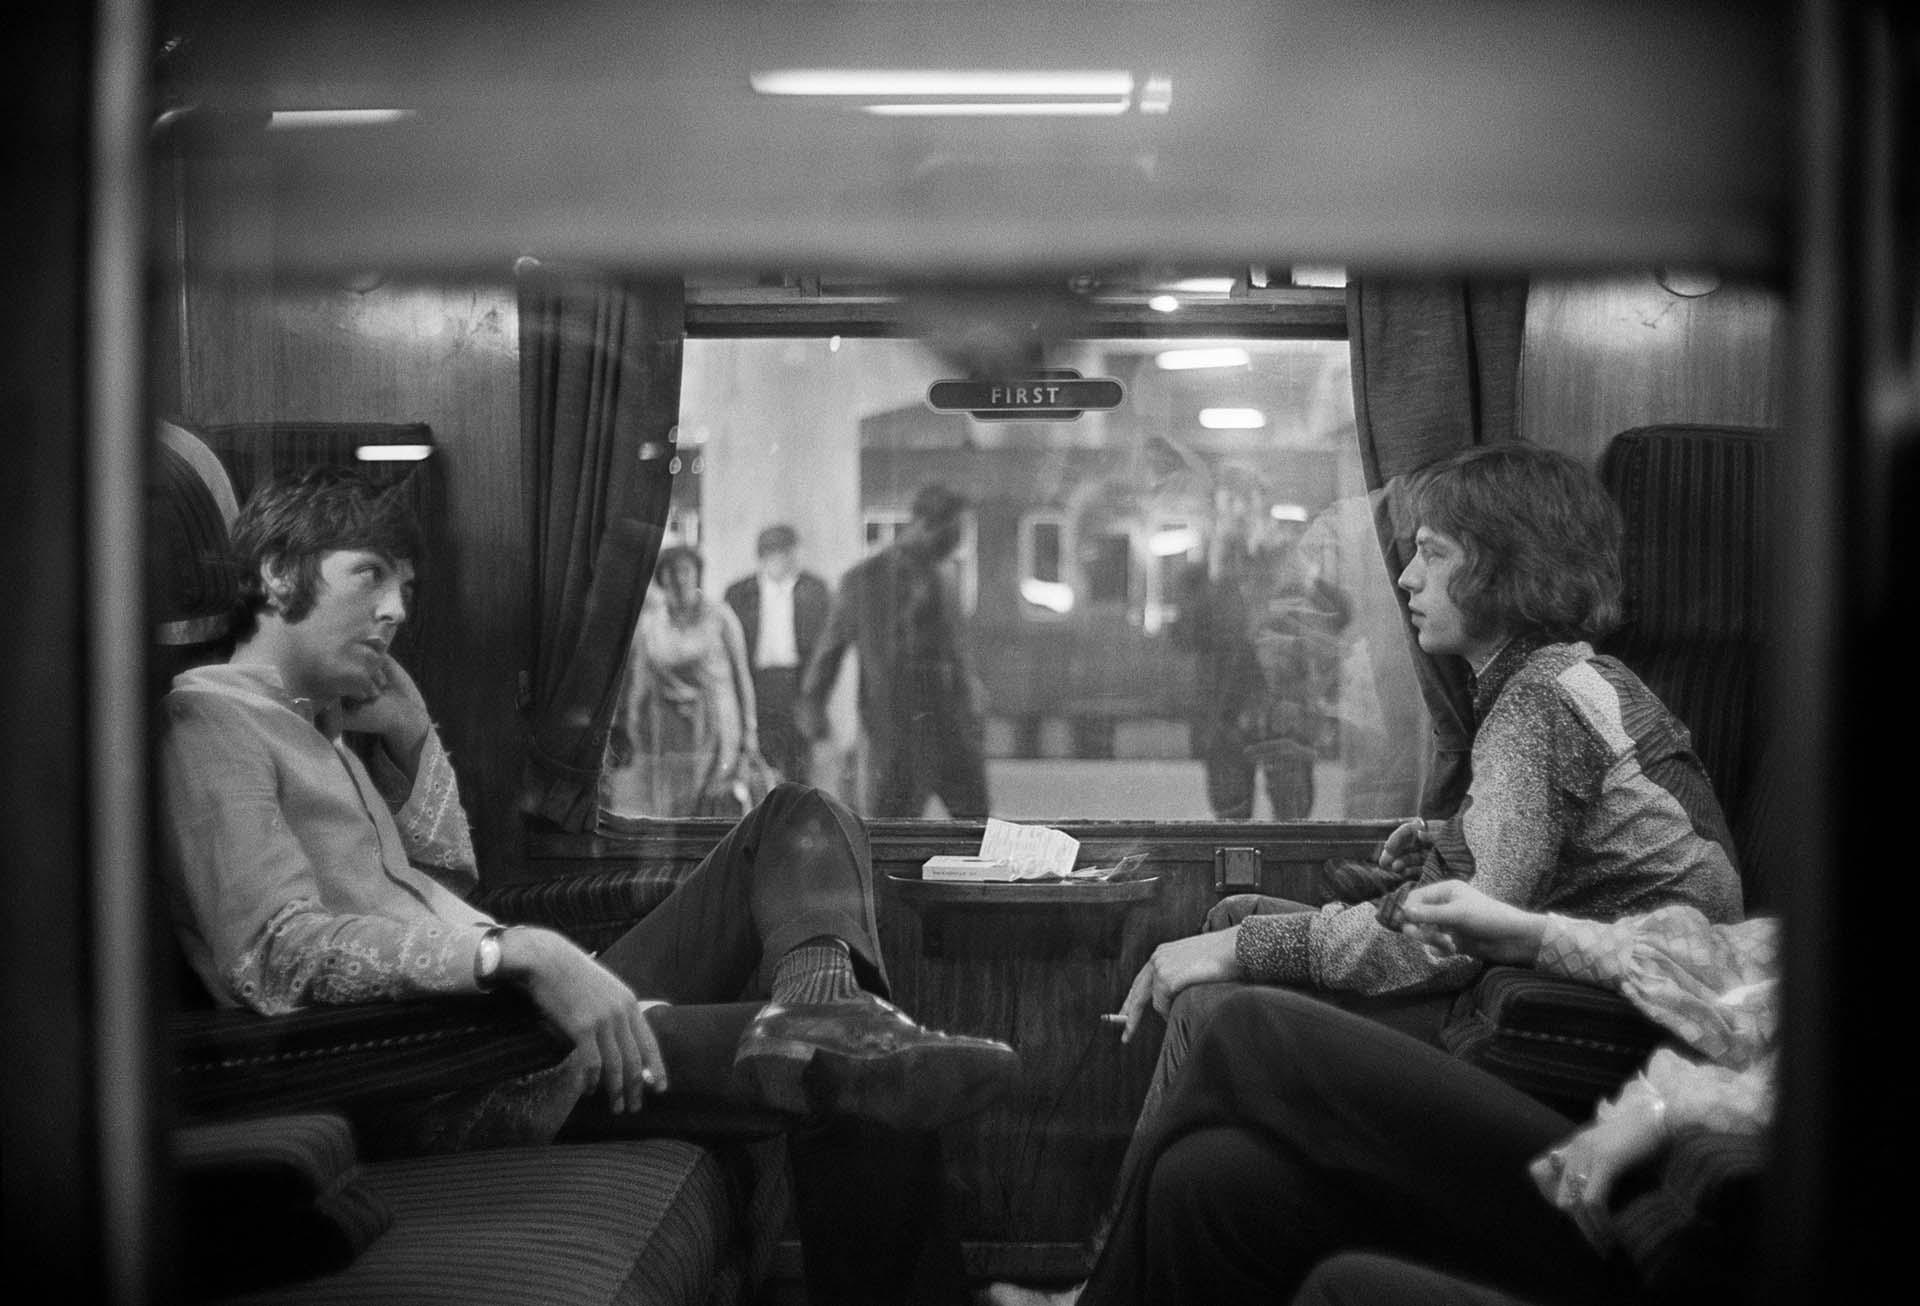 25 de agosto de 1967: Paul McCartney de los Beatles y Mick Jagger de los Rolling Stones se sientan uno frente al otro en un tren en la estación de Euston, esperando la partida a Bangor